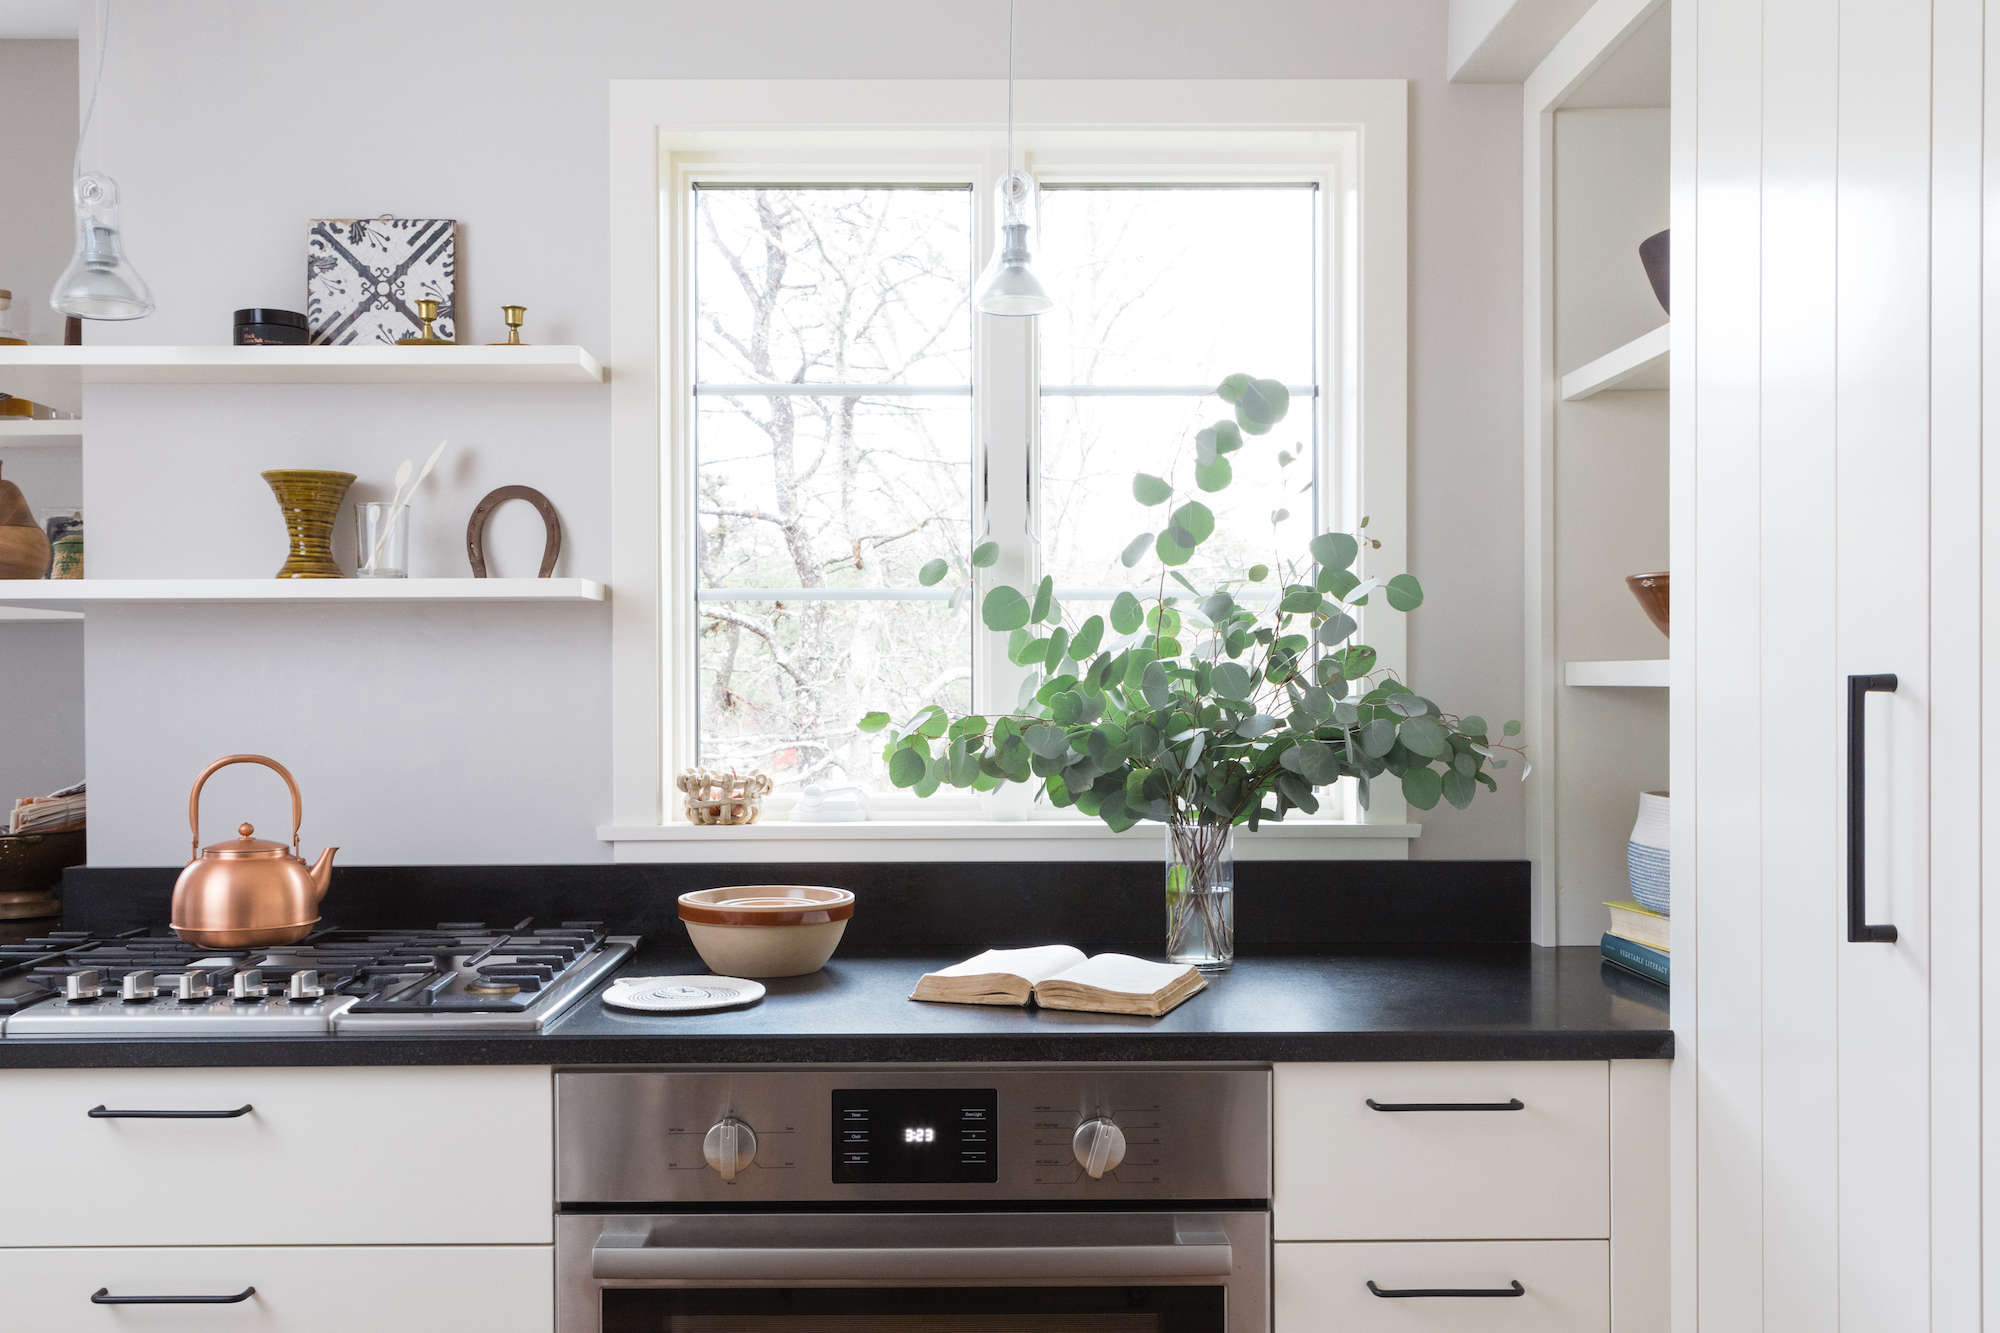 bohemian-bosch-kitchen-remodelista-5